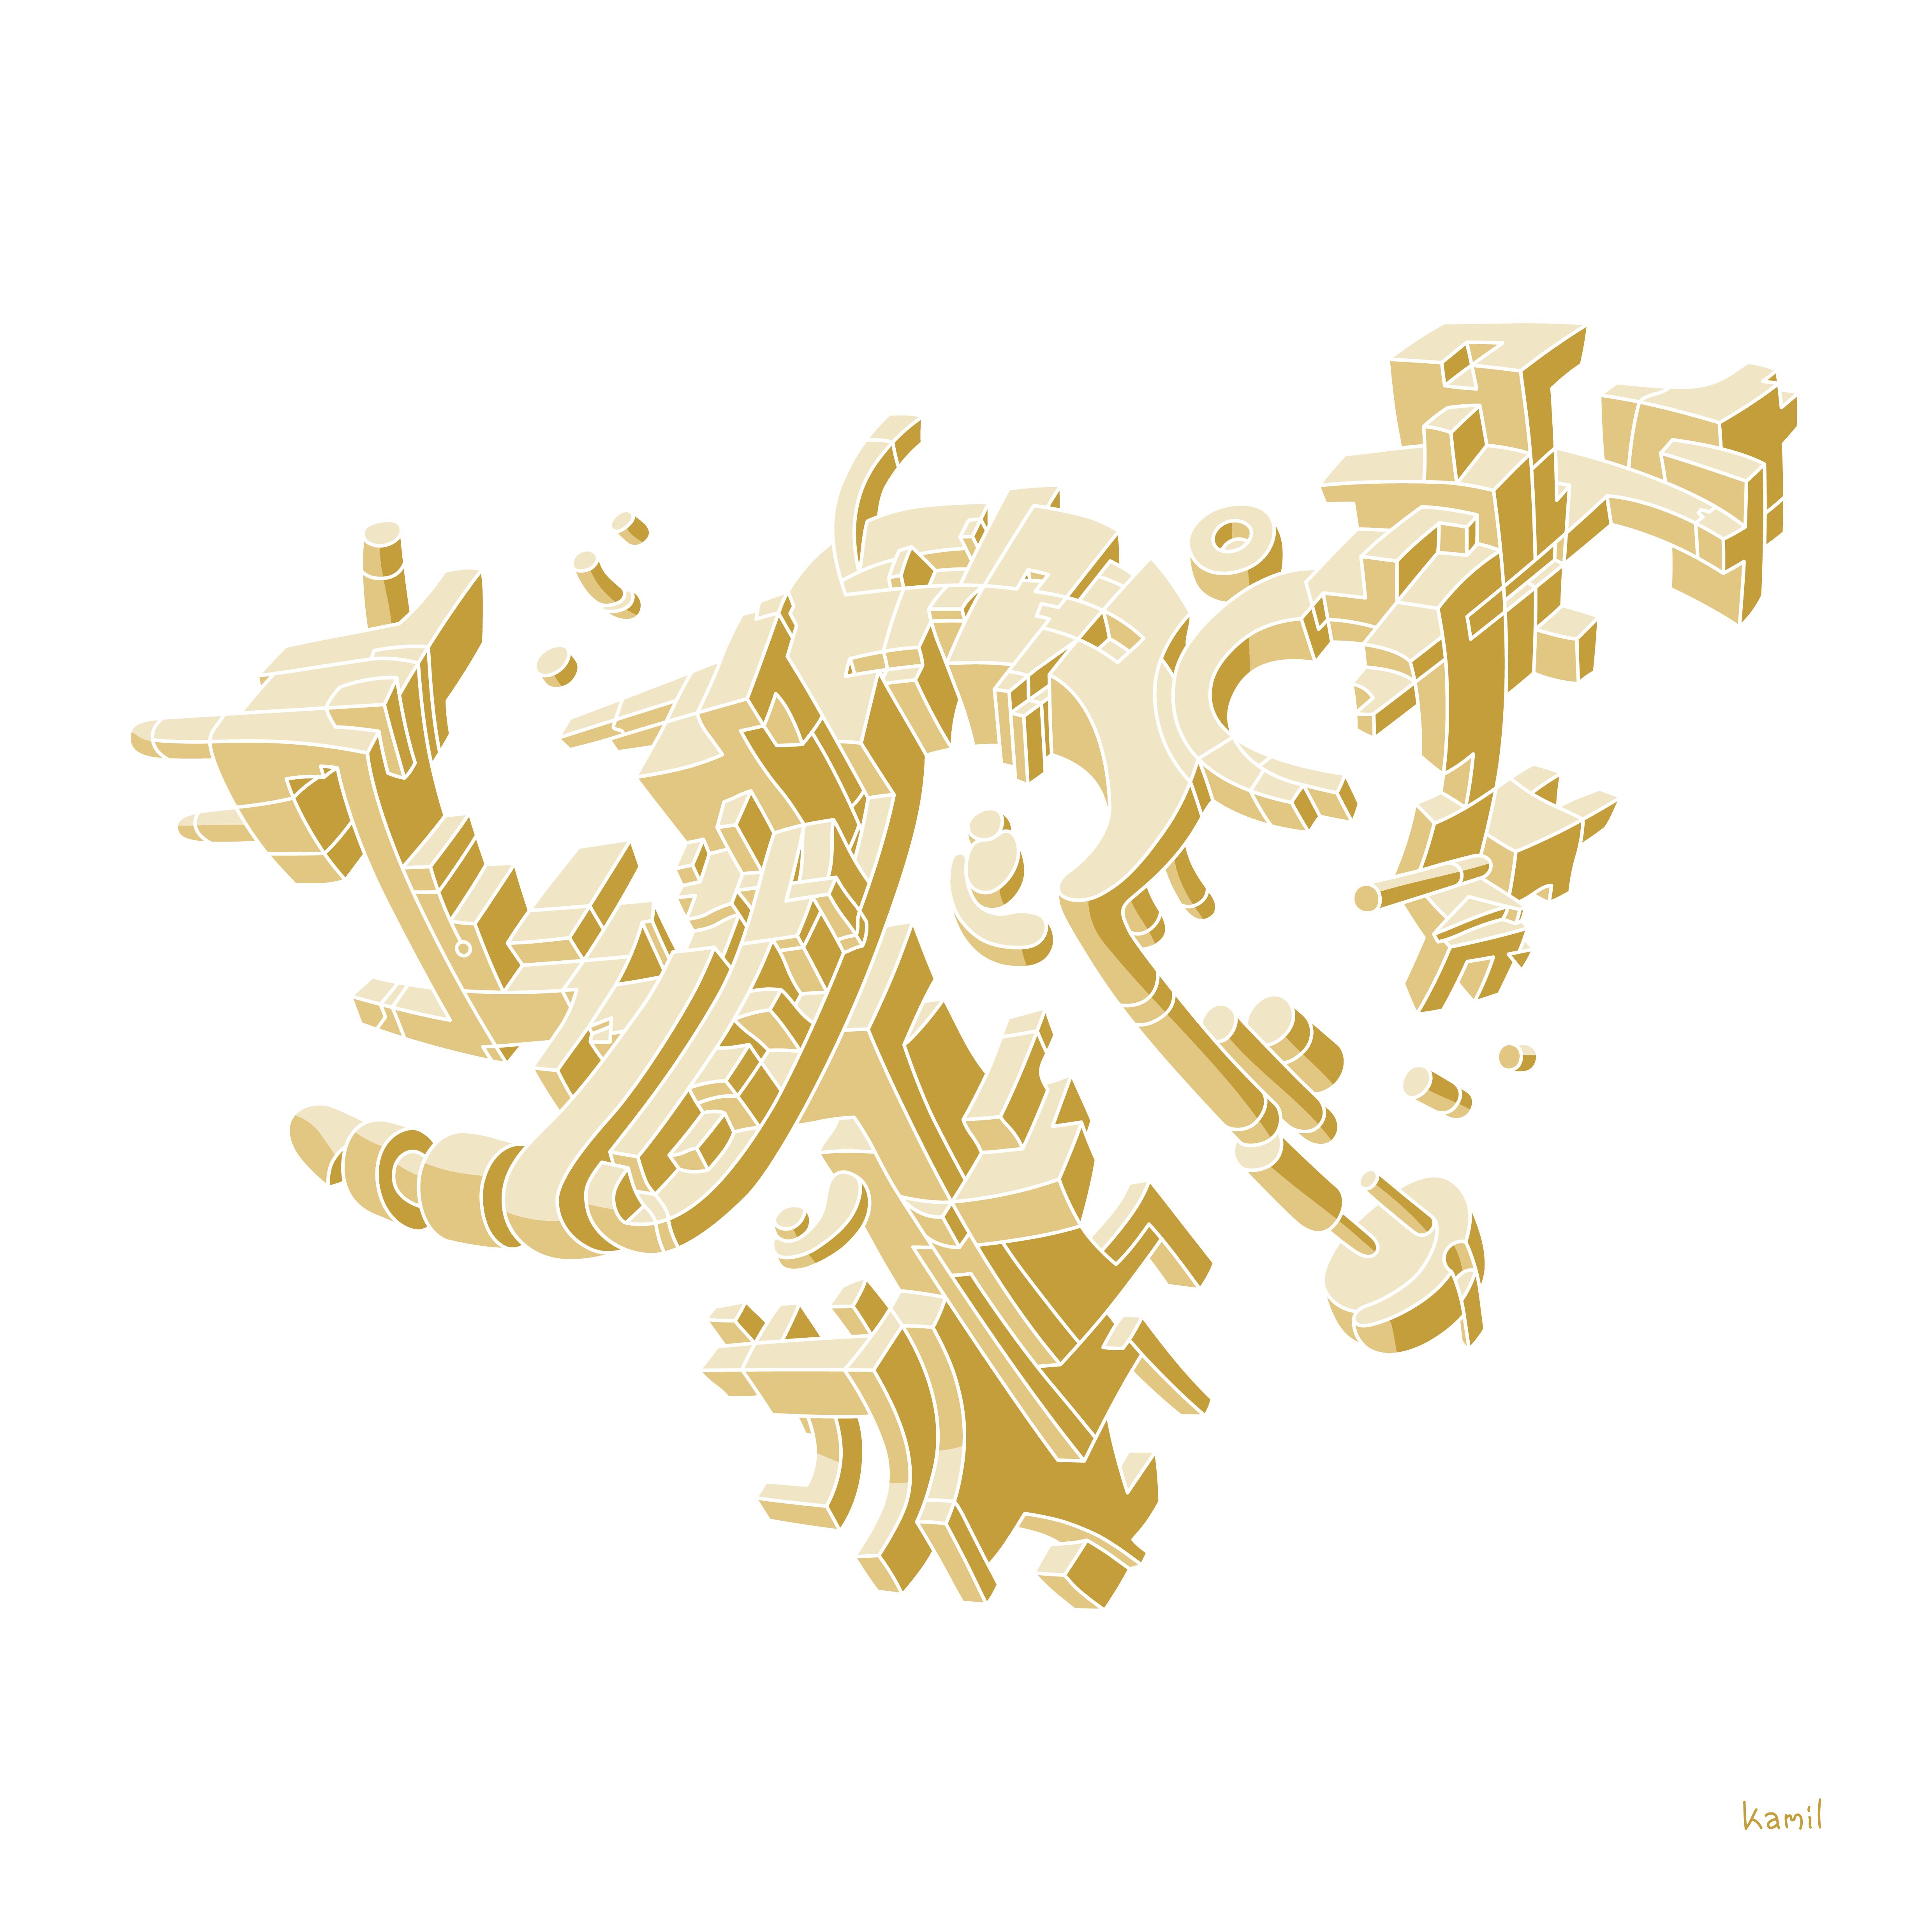 Illustration – Spatial Shapes – No. 4 (golden version)